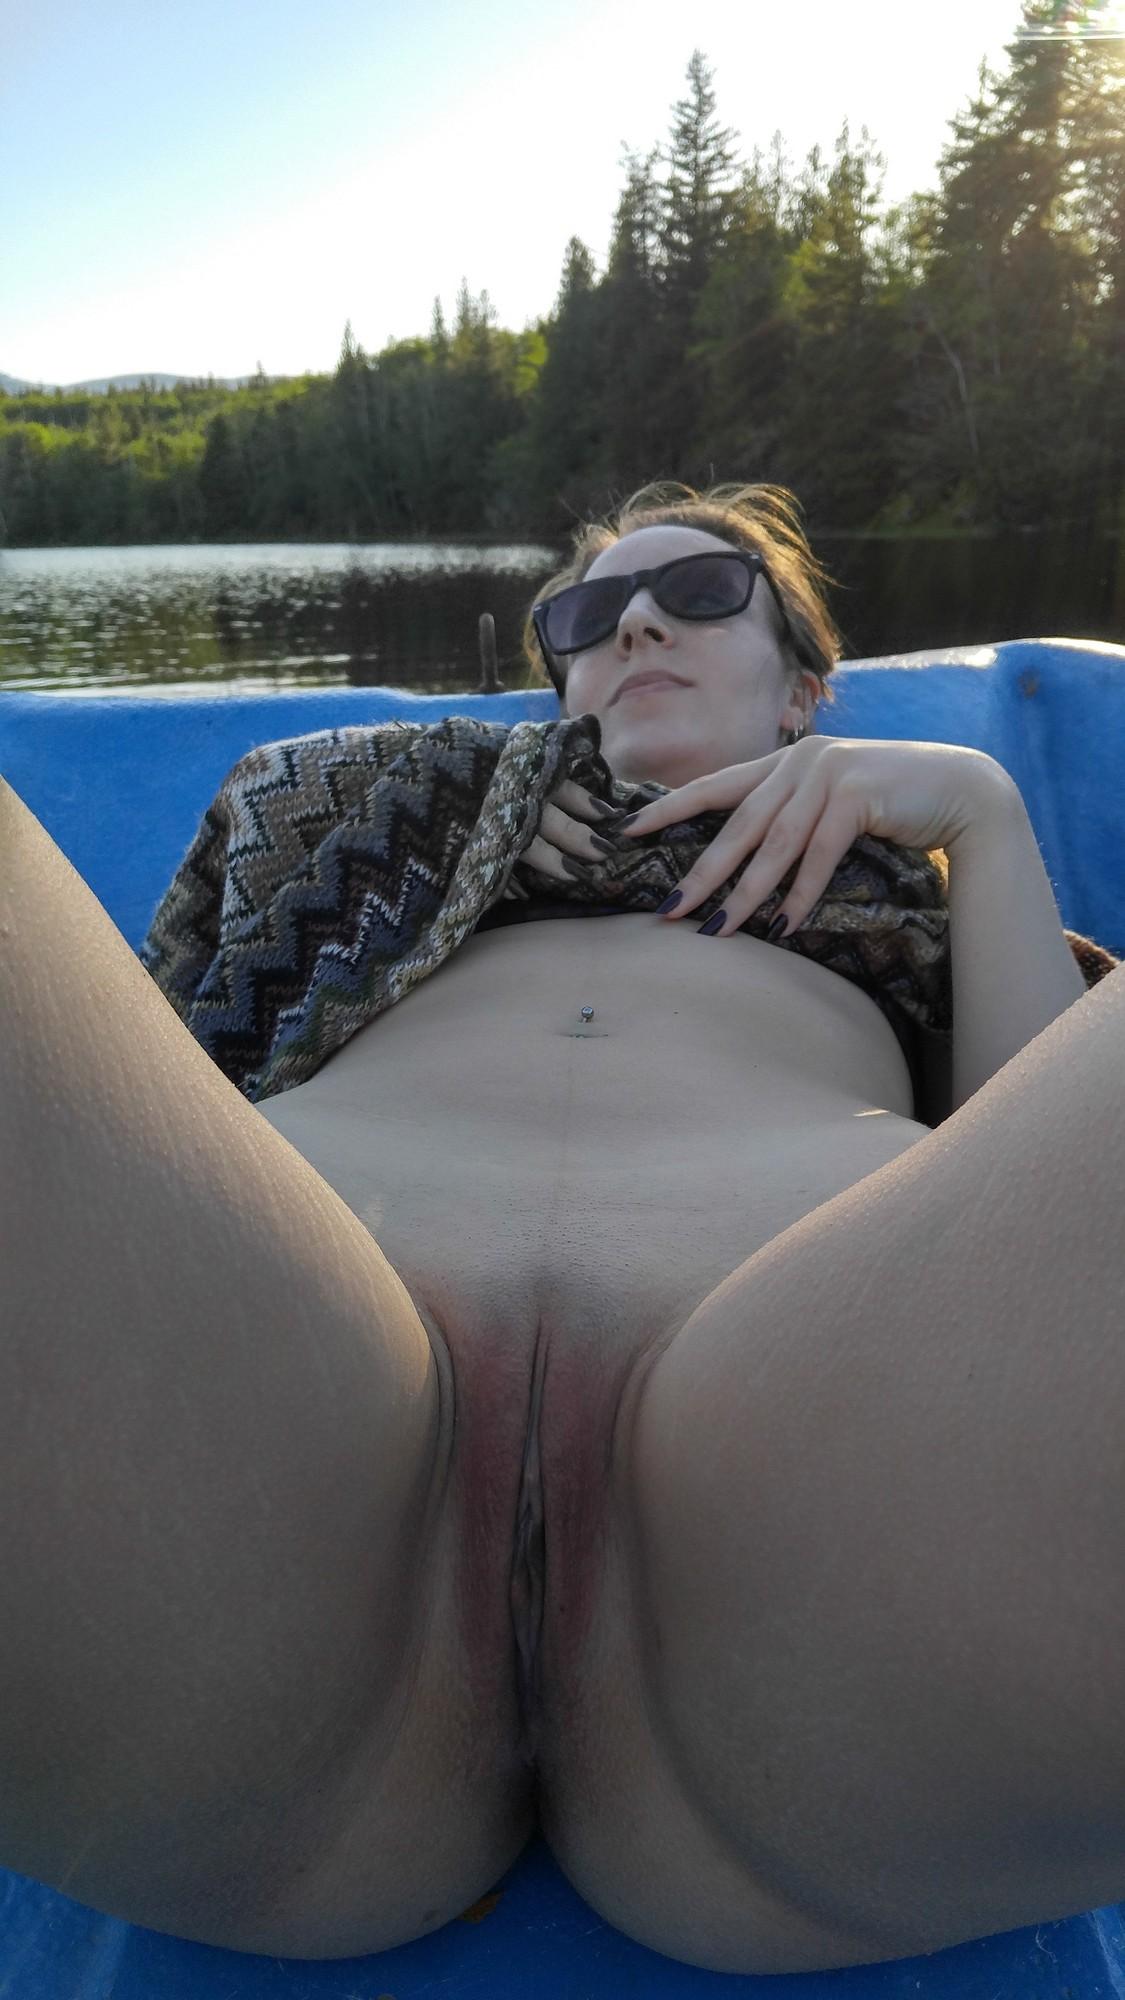 Сучка с татухой на бедре берет в рот любовнику в лодке посреди реки